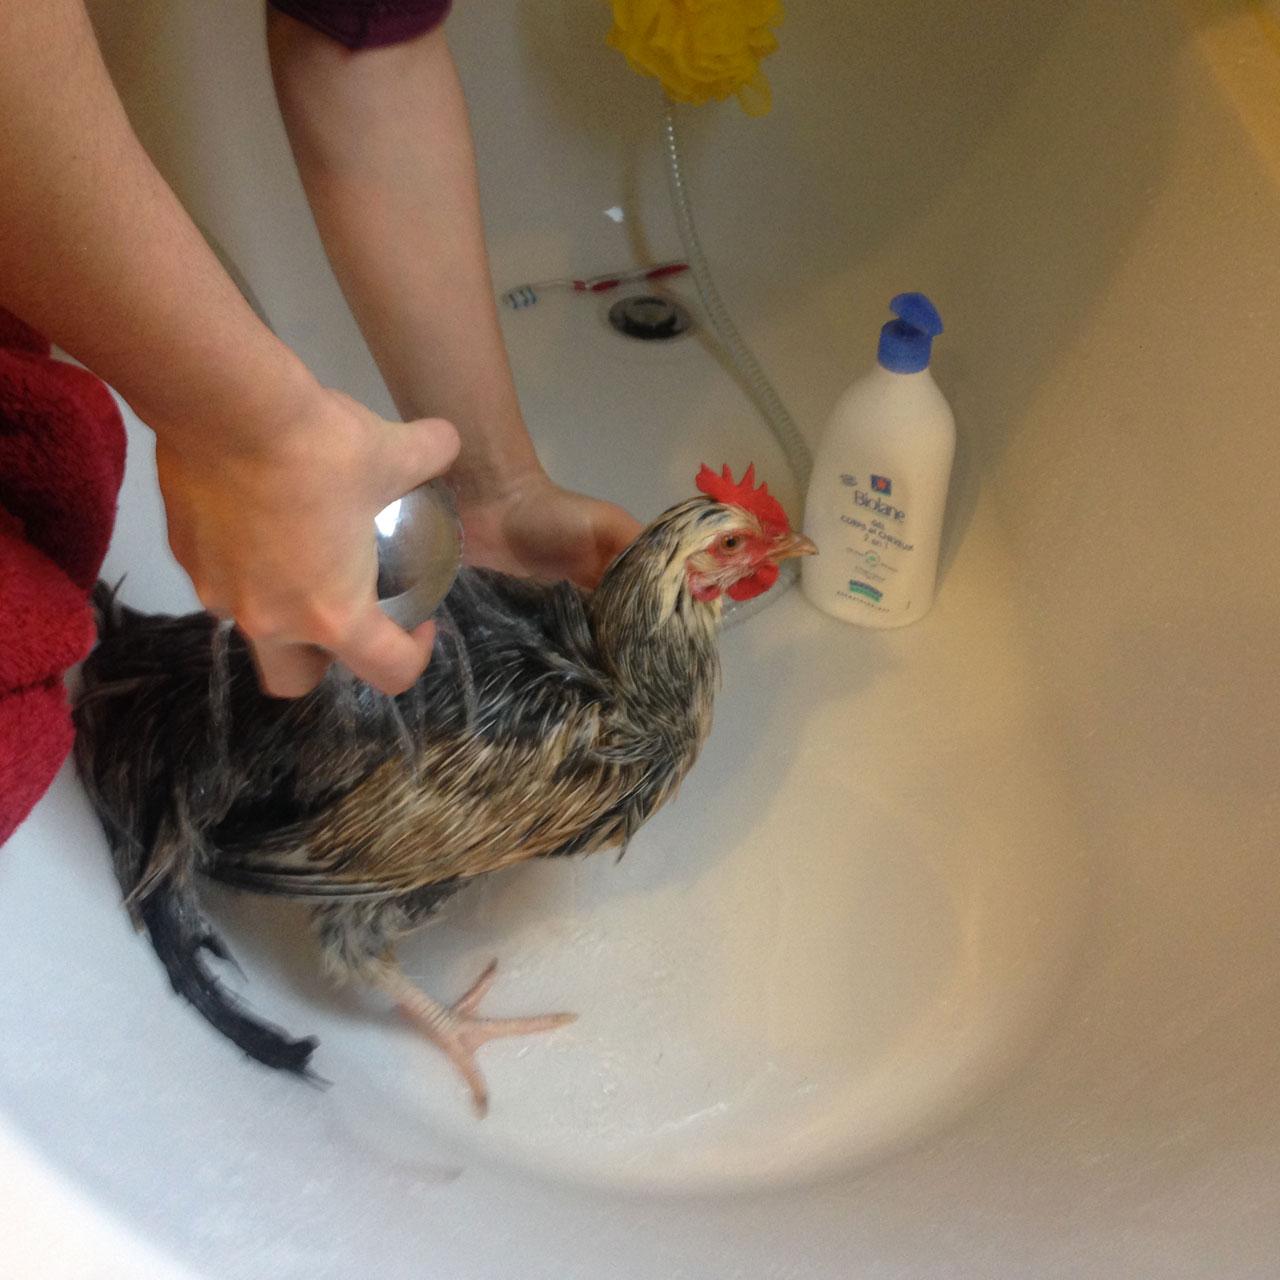 Comment laver et s cher votre poule prendre soin de vos poules poules guides omlet france - Comment laver une couette en plume ...